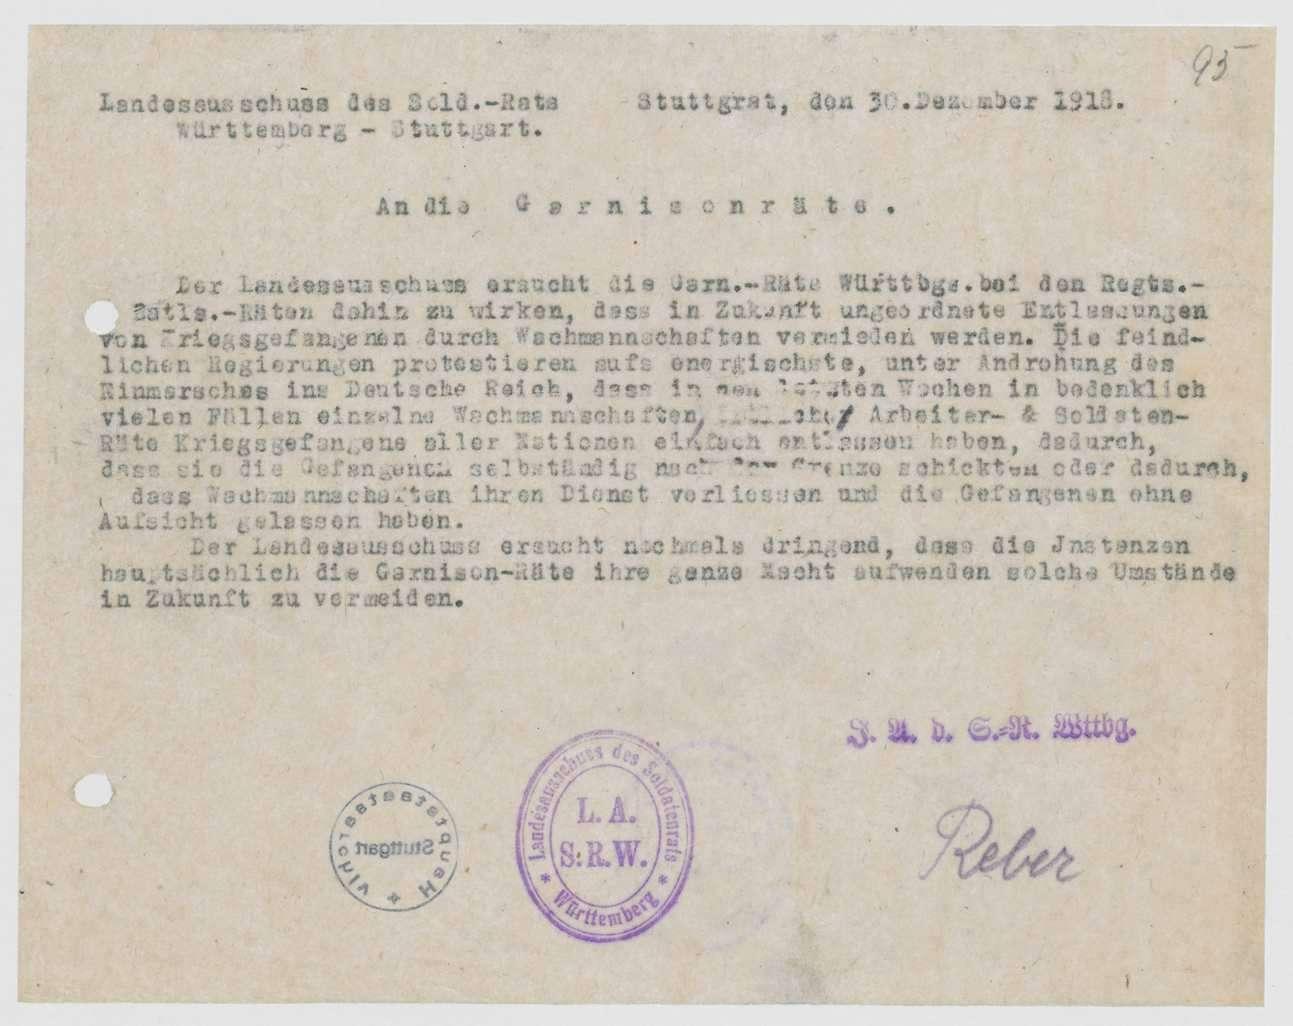 Anweisung des Landesausschusses der Soldatenräte zur Verhinderung der Entlassung von Kriegsgefangenen durch die Wachmannschaften, Bild 1